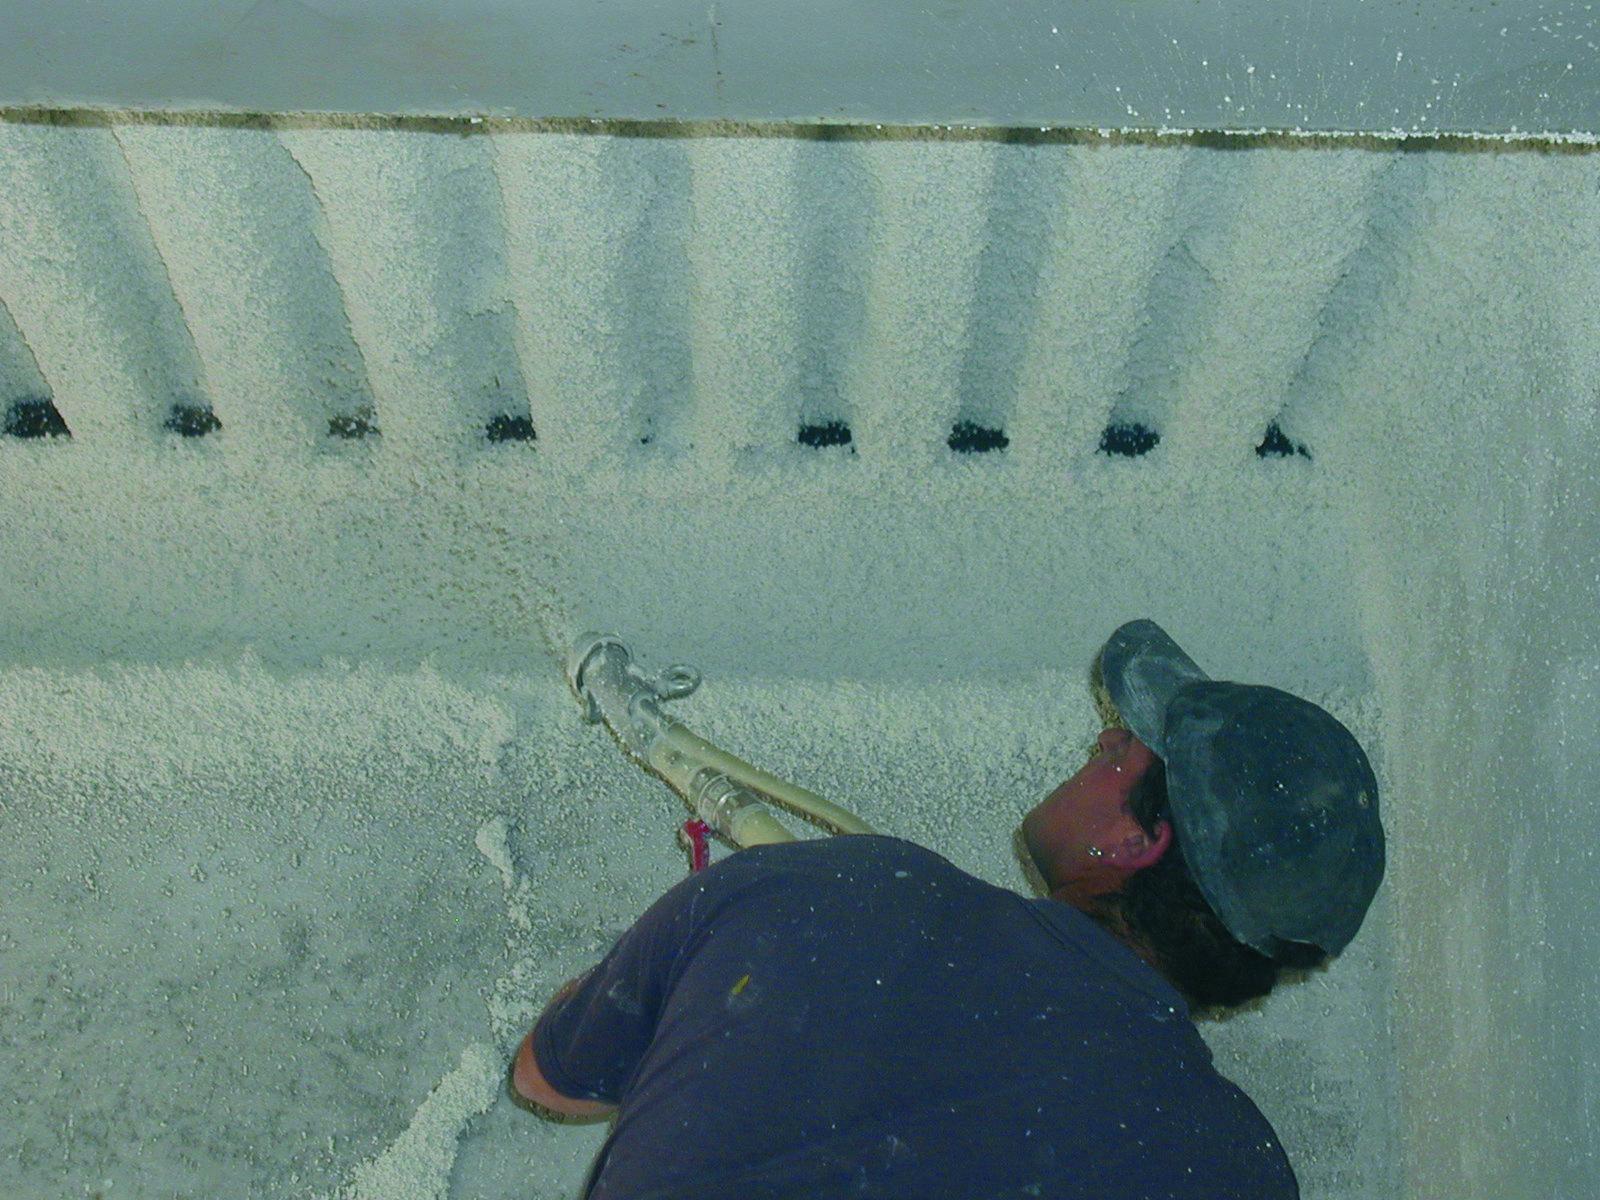 Protherm Light® ne contenant pas de fibre, ce mortier solide (une fois sec) ne se désagrège pas quand on le touche, et présente donc un caractère de forte stabilité et durabilité.